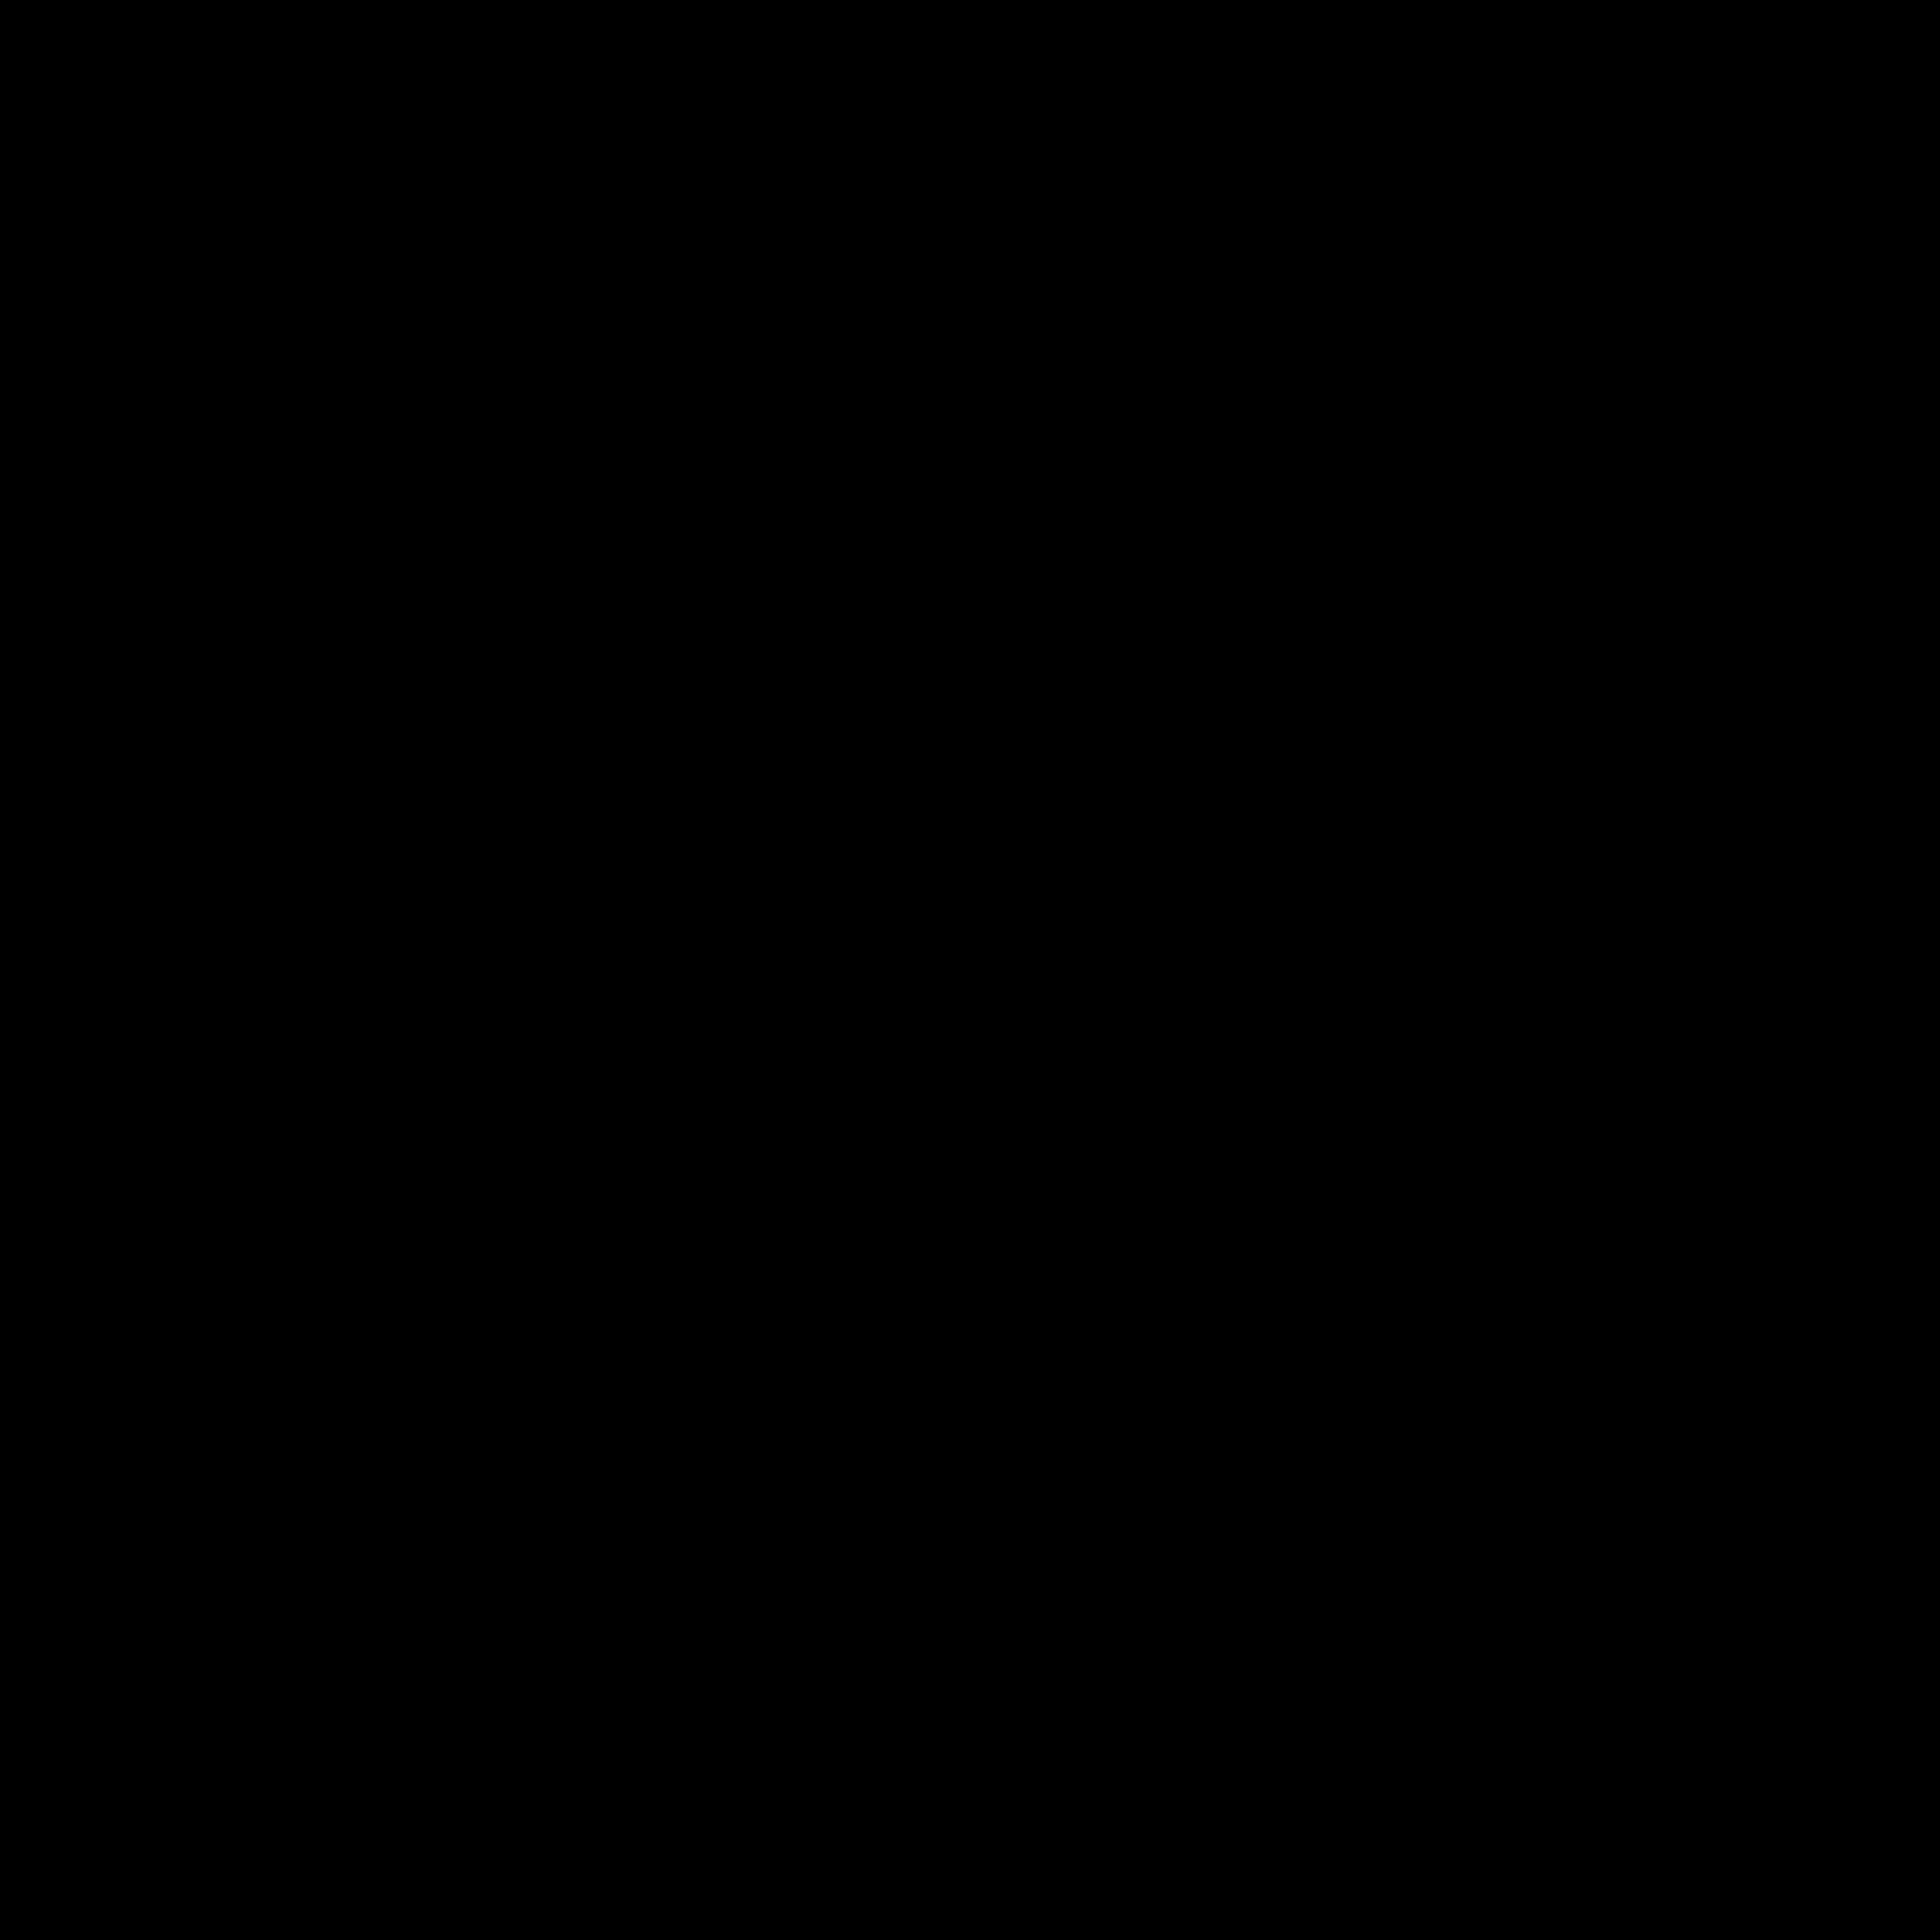 logo paraypormujeres ong feminista lgtbi queer barcelona